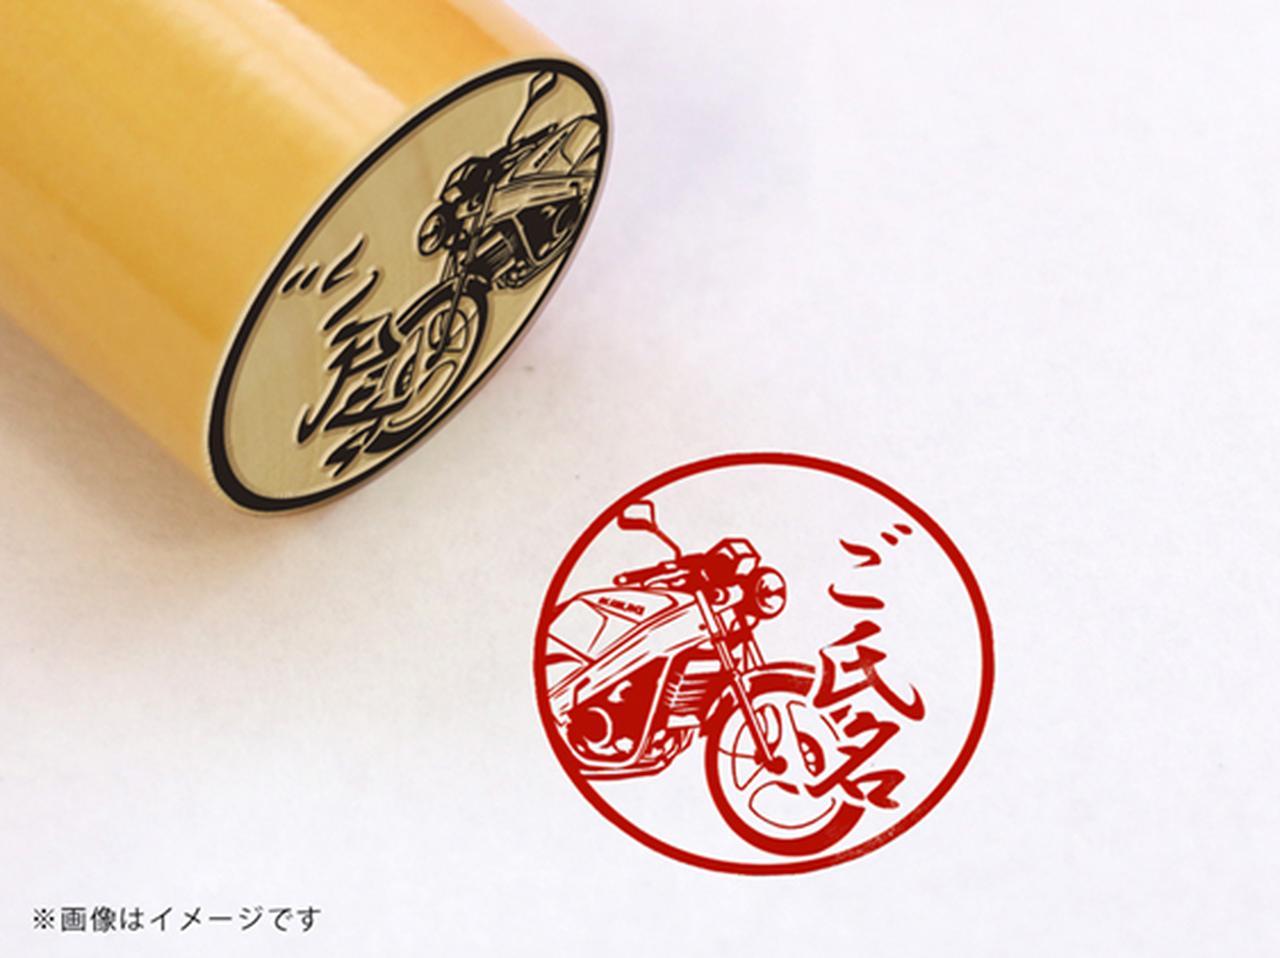 Images : 【SUZUKI】WOLF50・柘植丸印18mm